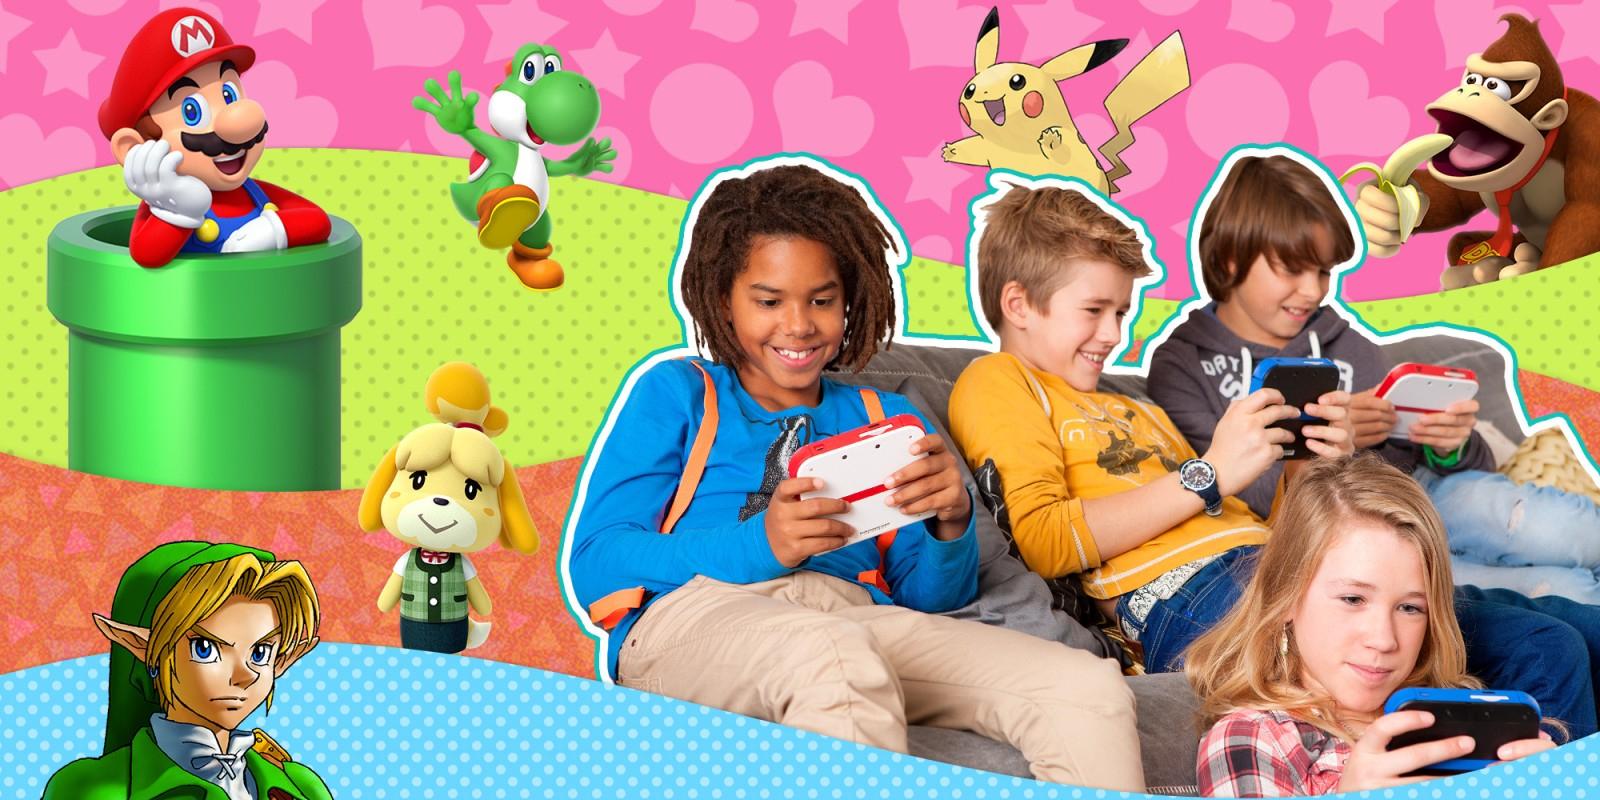 Jeux Nintendo Pour Les Enfants | Nintendo encequiconcerne Jeux Pour Garçon De 8 Ans Gratuit